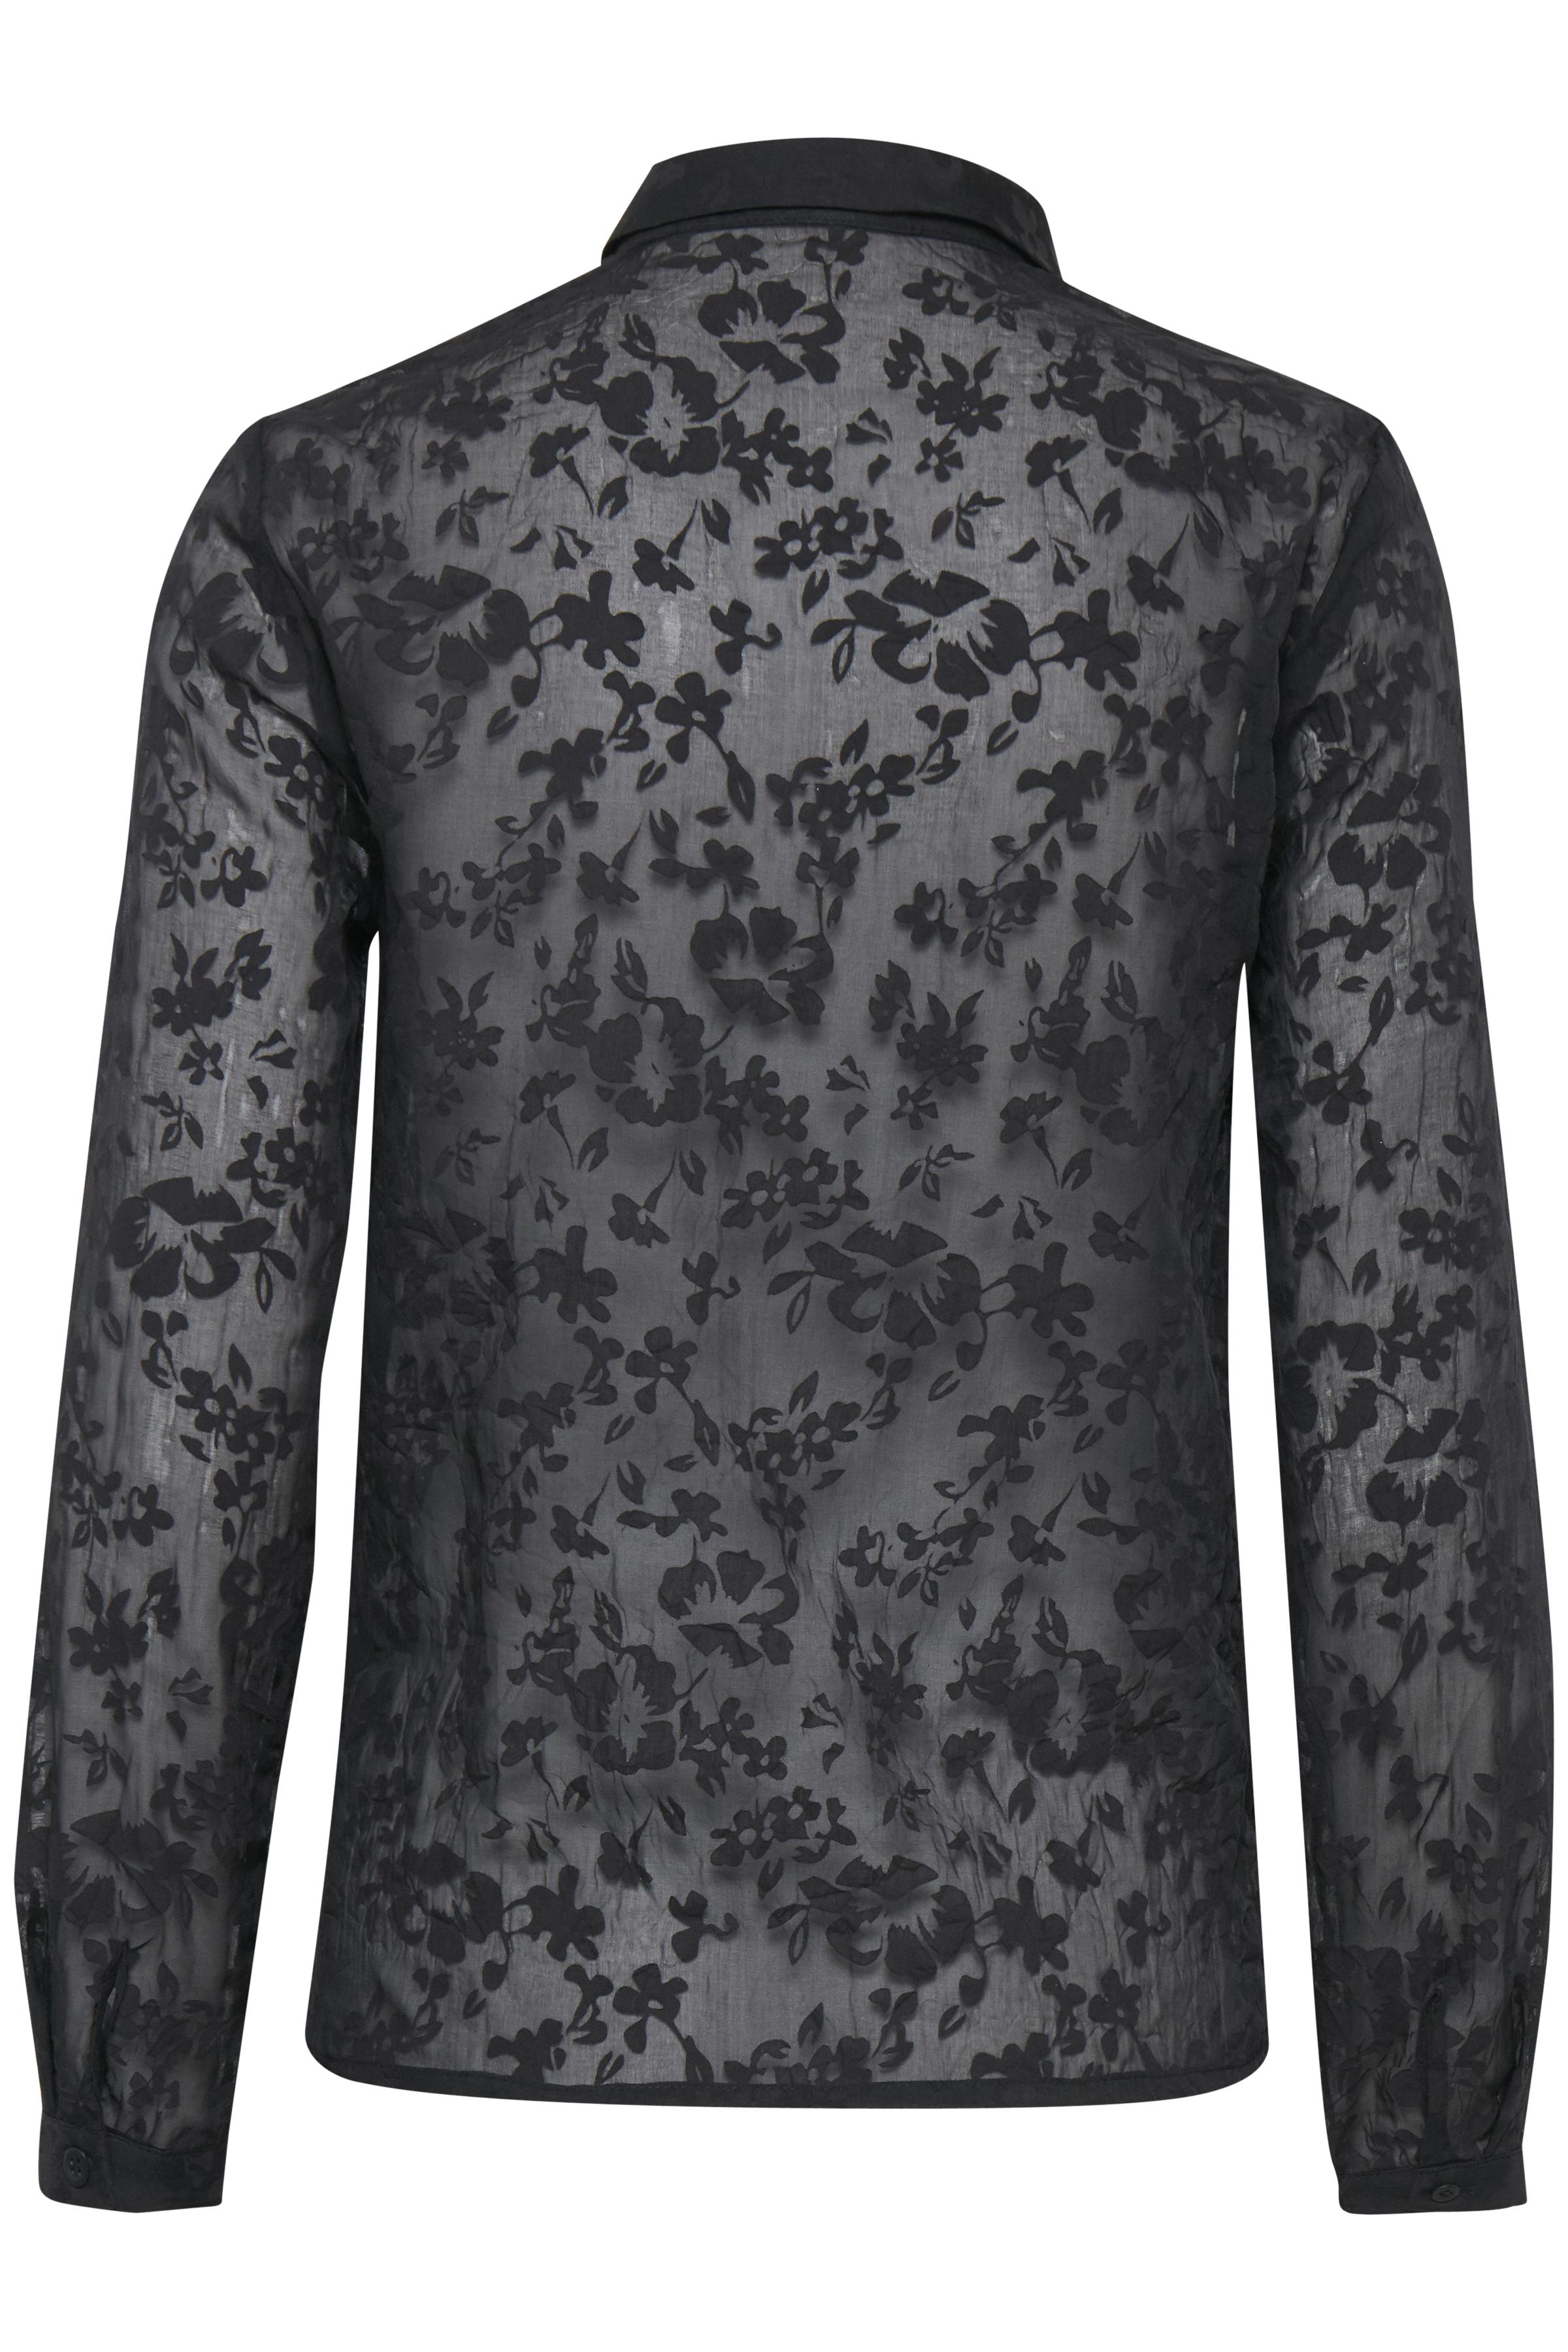 Black Langærmet skjorte – Køb Black Langærmet skjorte fra str. 34-40 her